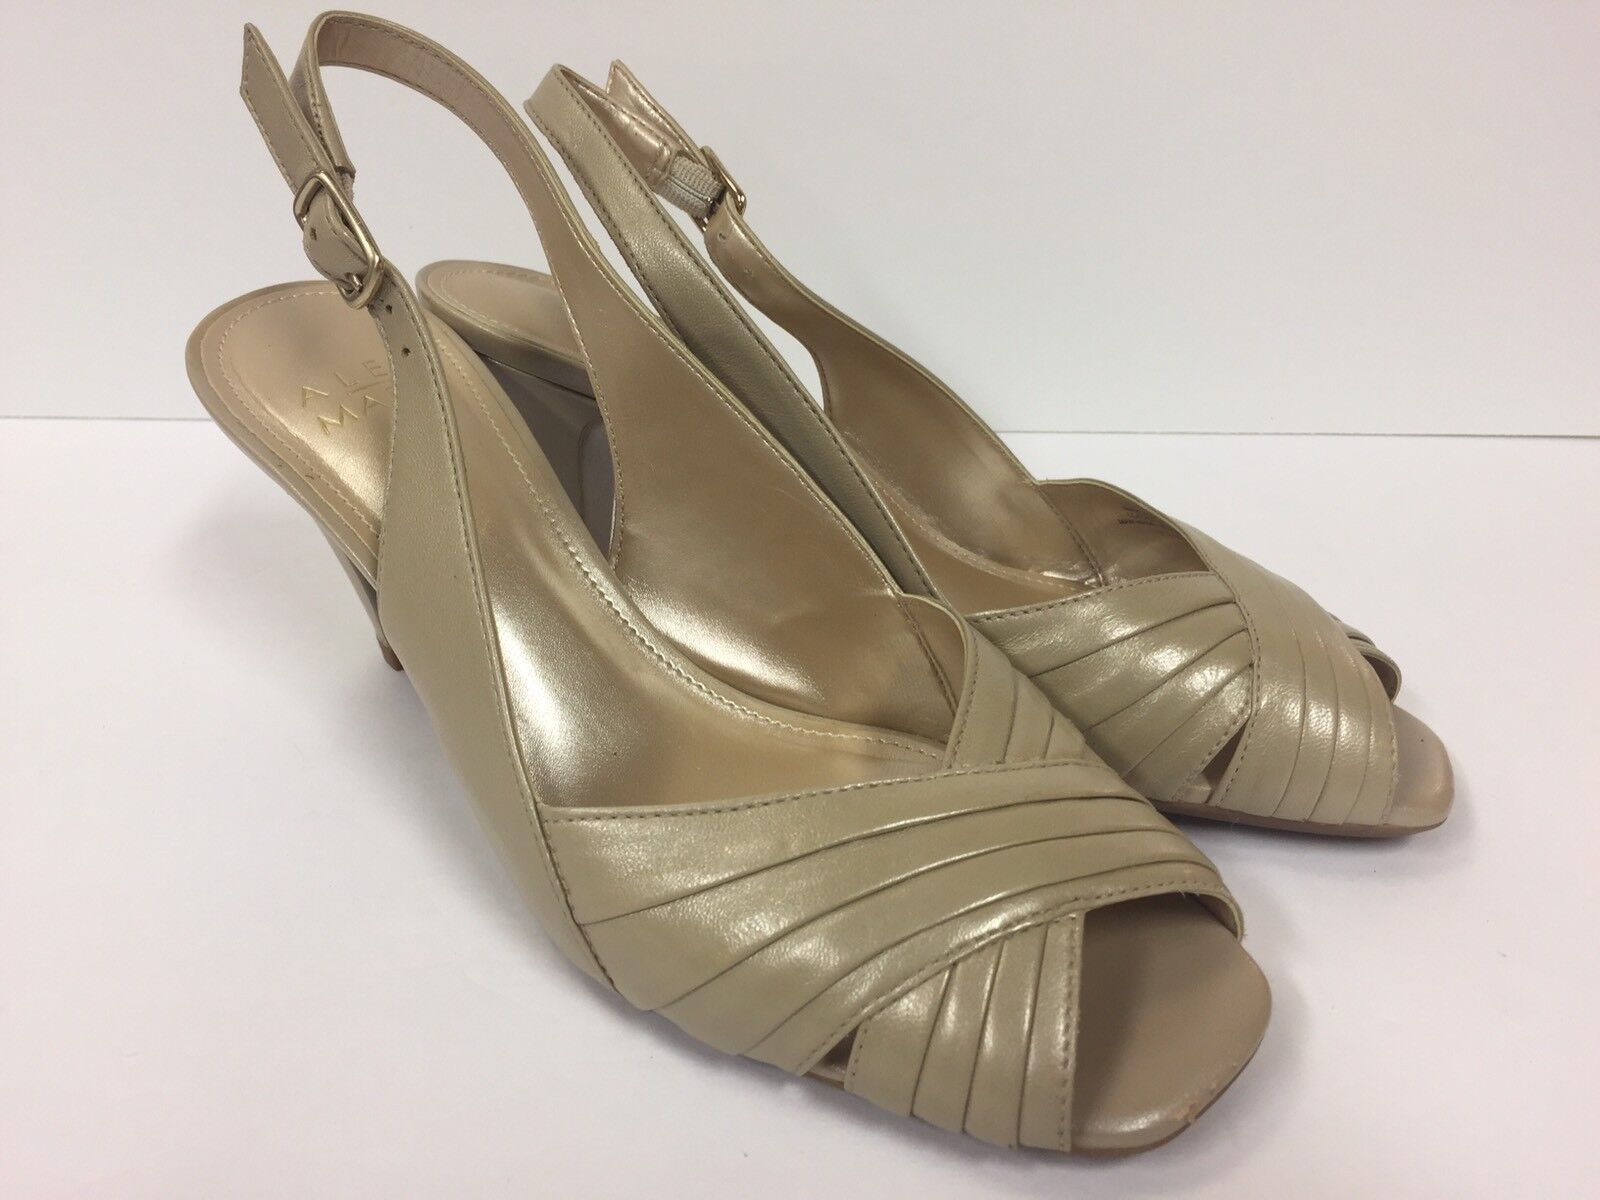 ALEX MARIE Peep 7.5 Toe Slingback sz 7.5 Peep Heels (RK730) 566231